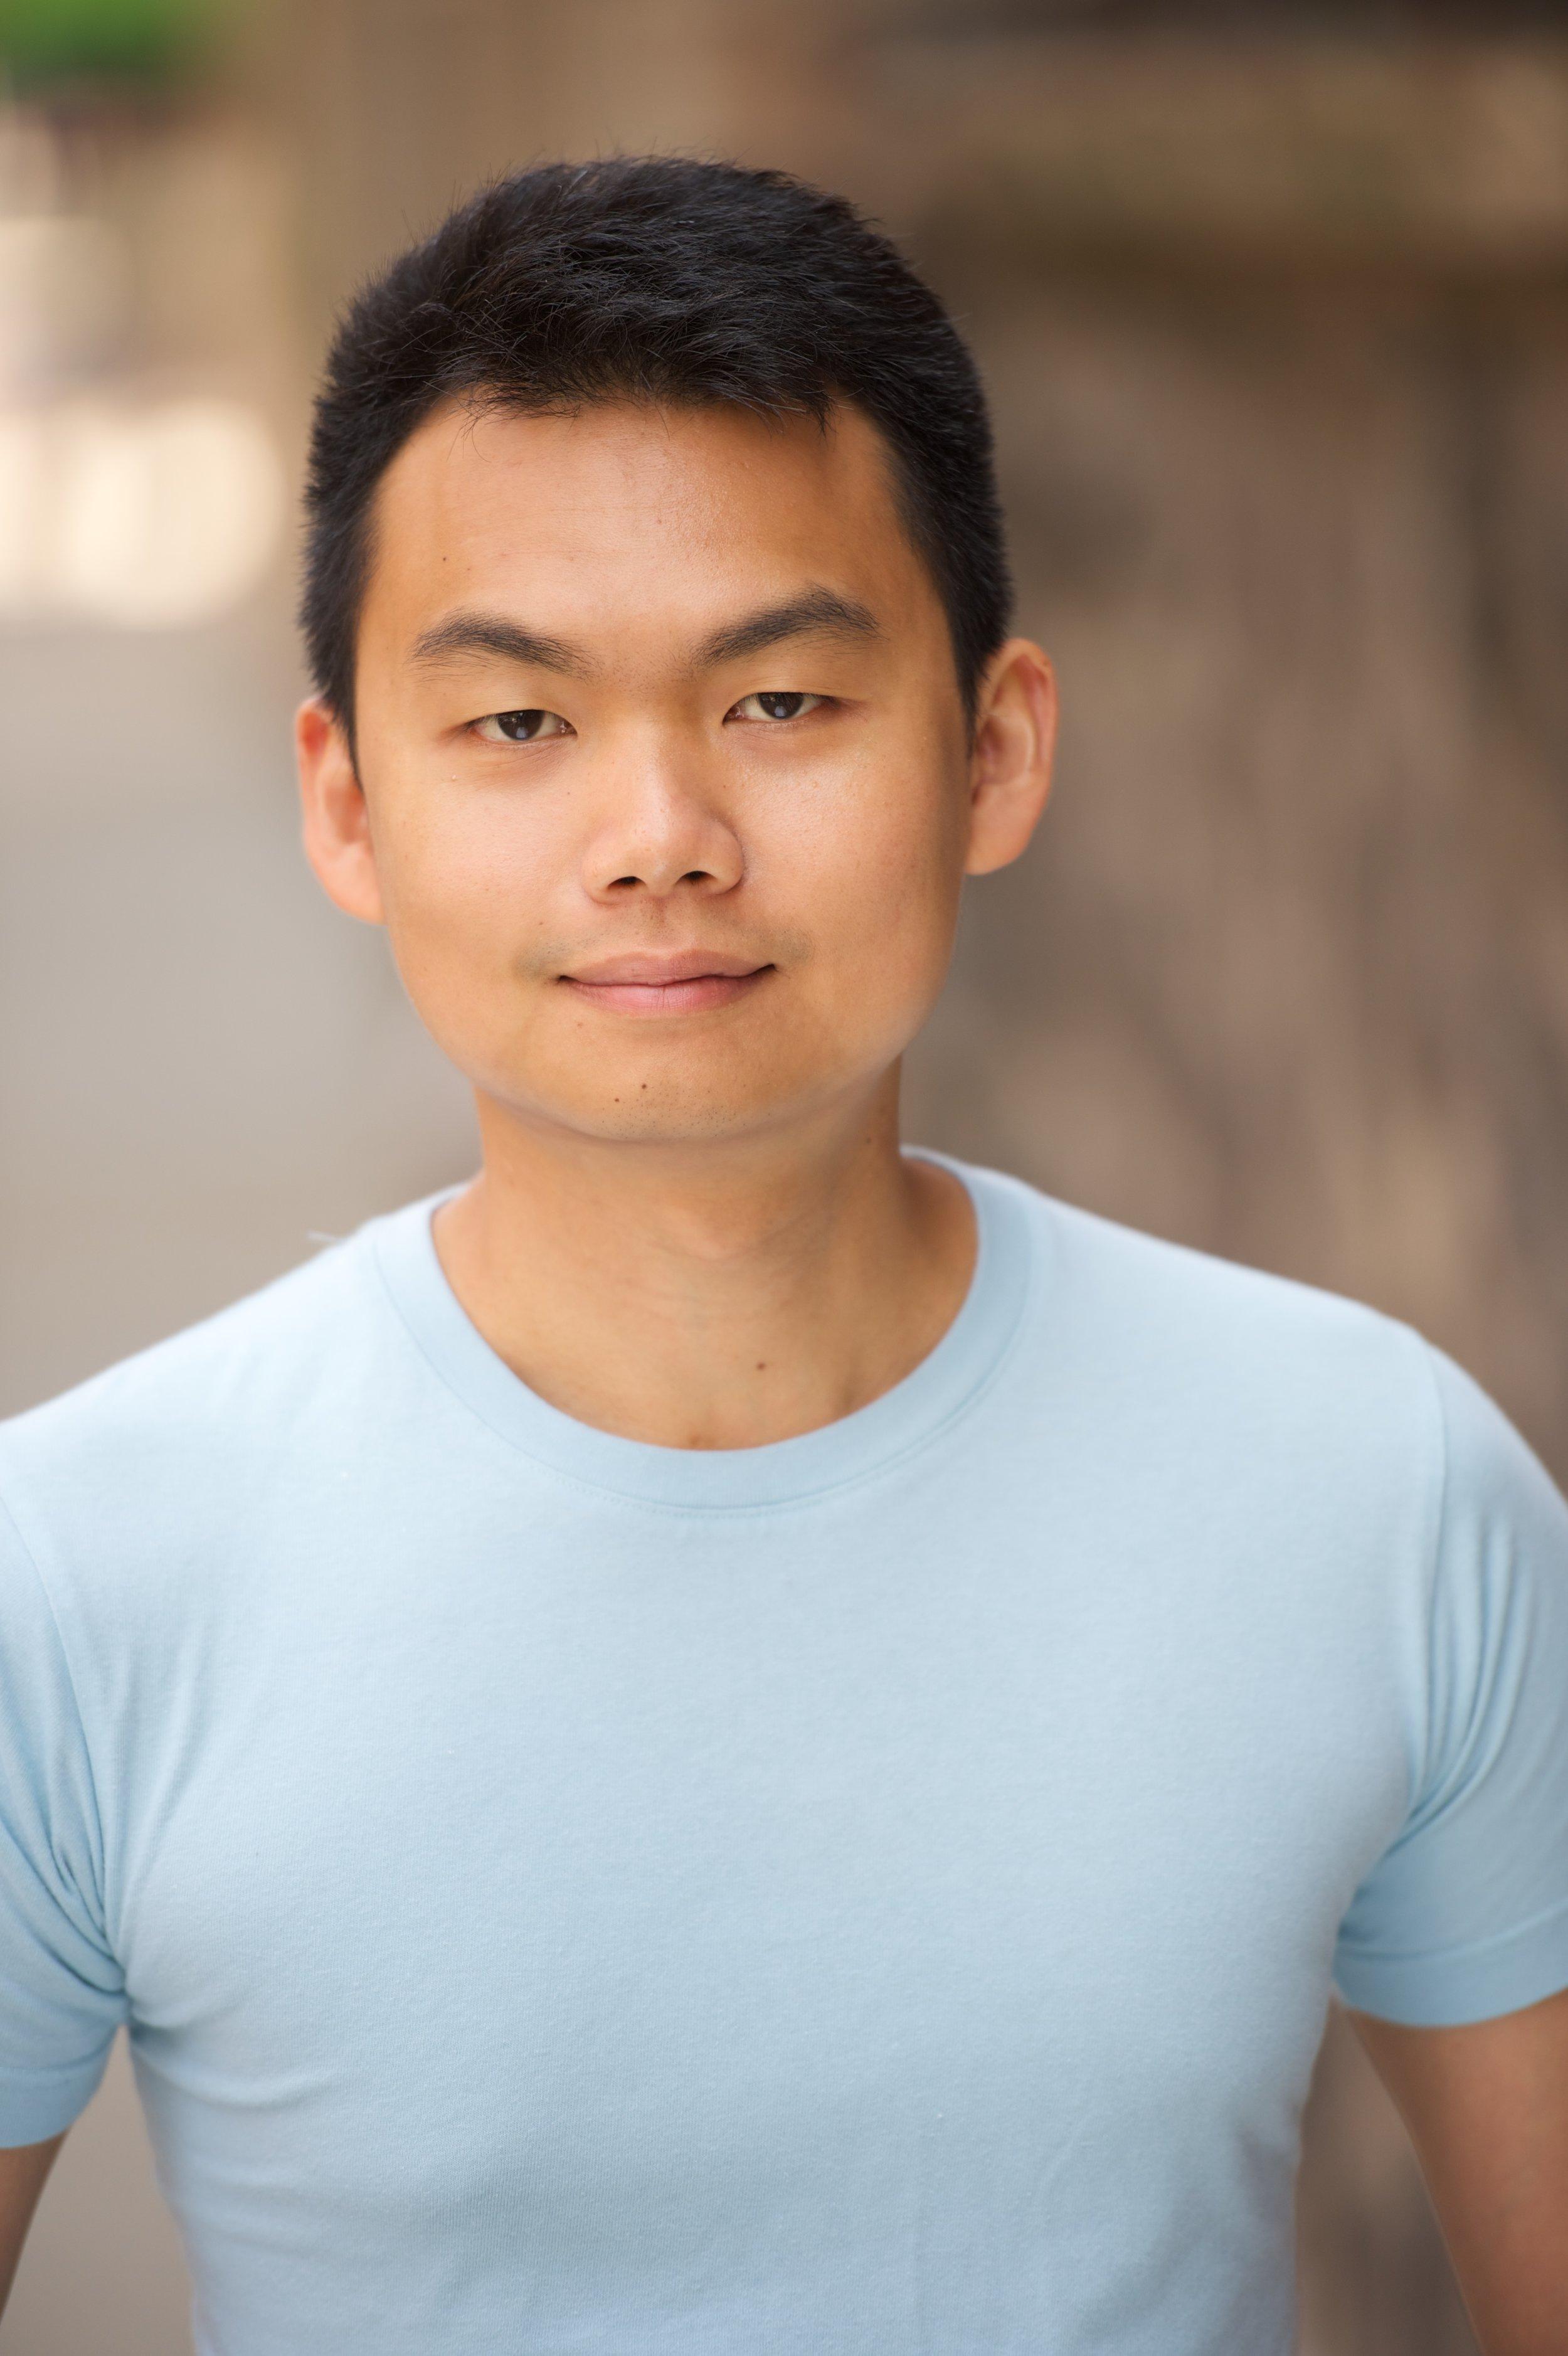 Marcus Yi taken by Taylor Hooper2.jpg